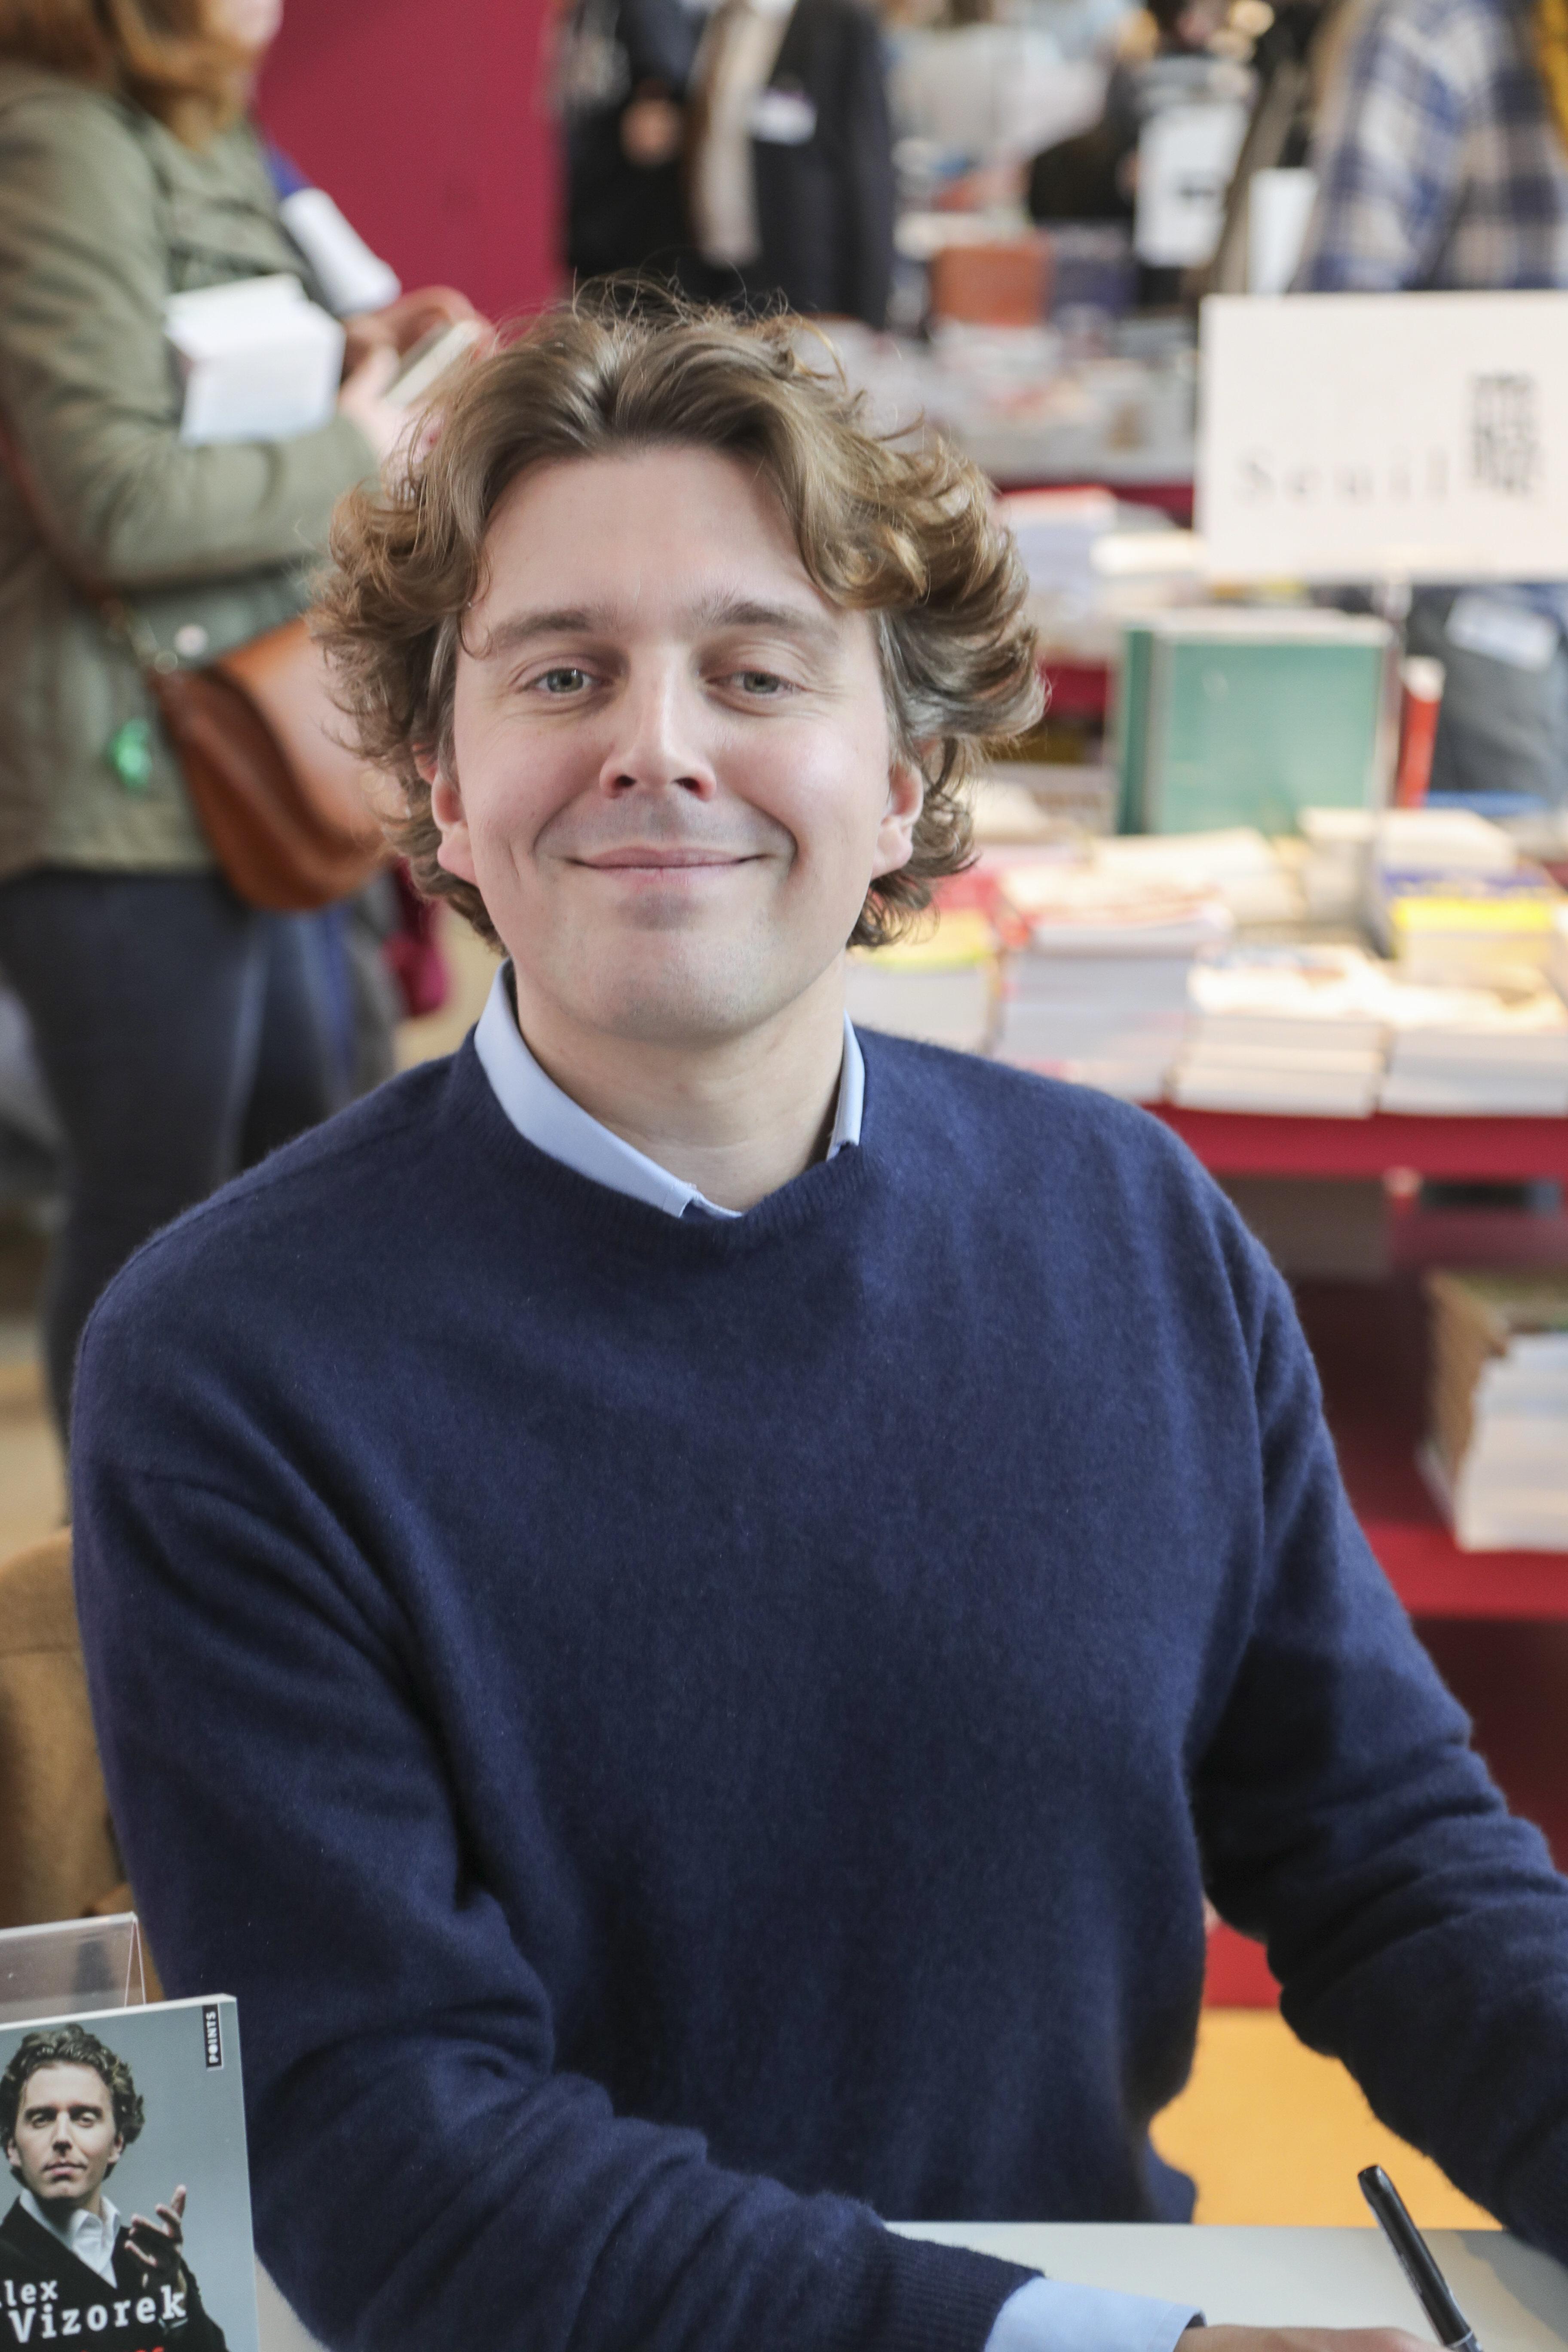 L'humoriste belge Alex Vizorek animera les Molières